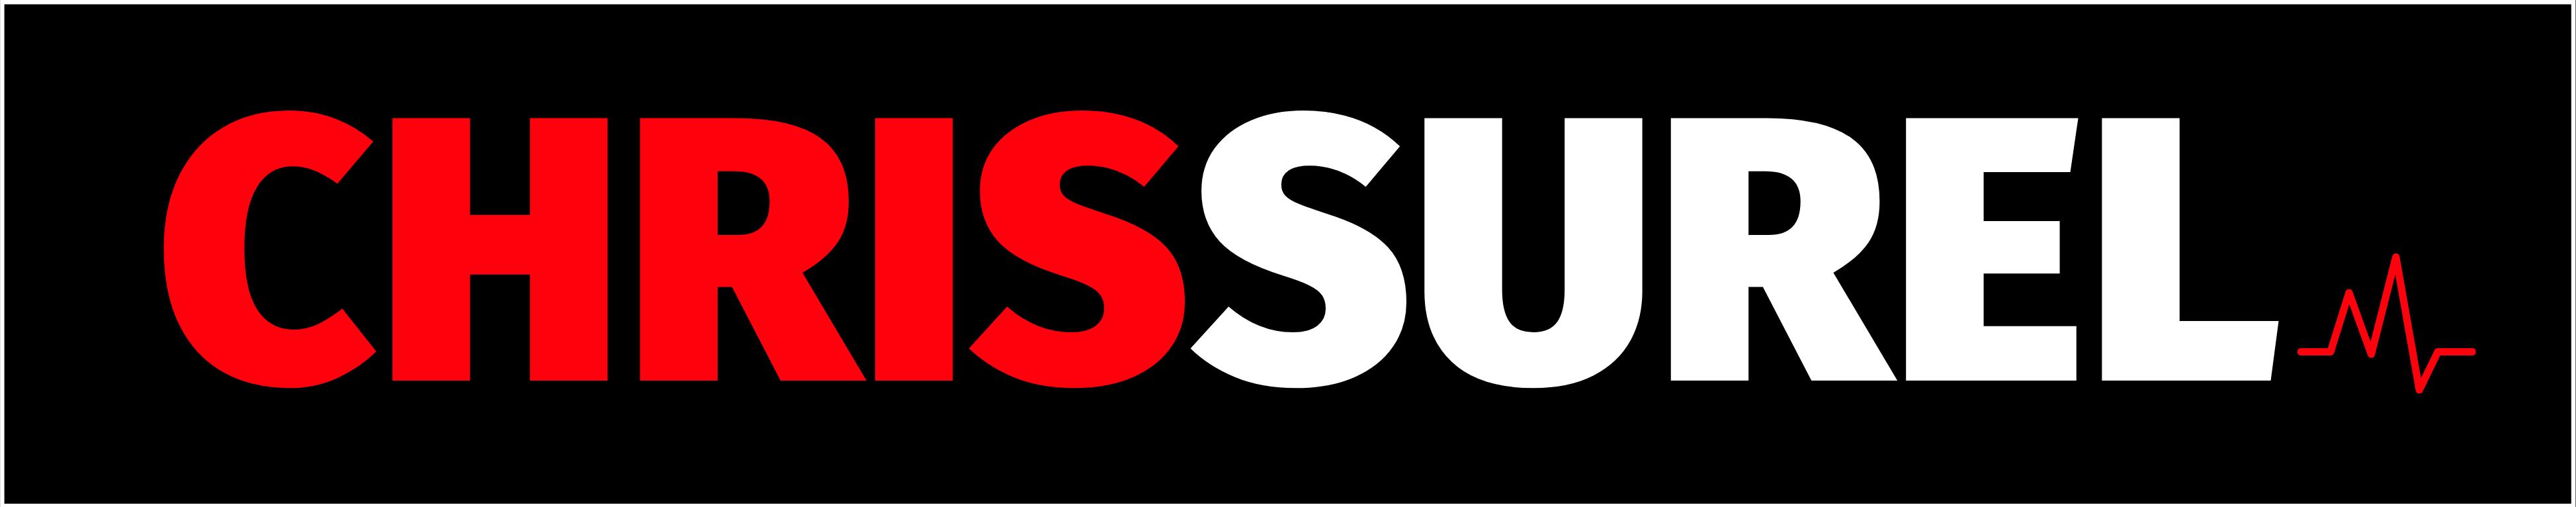 chrissurel.com